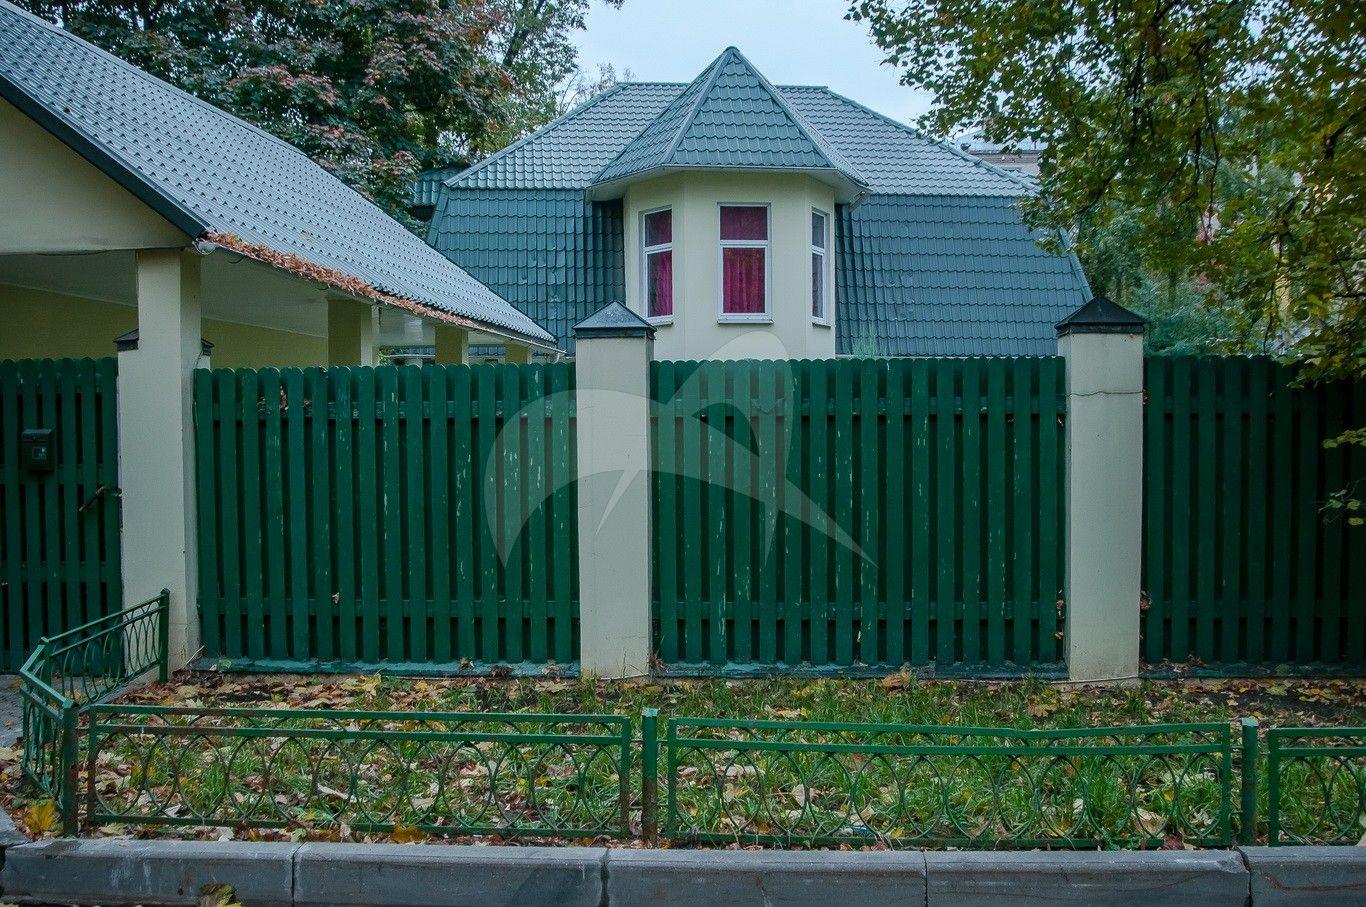 Жилой дом, 1929 г., арх. Н.В. Марковников